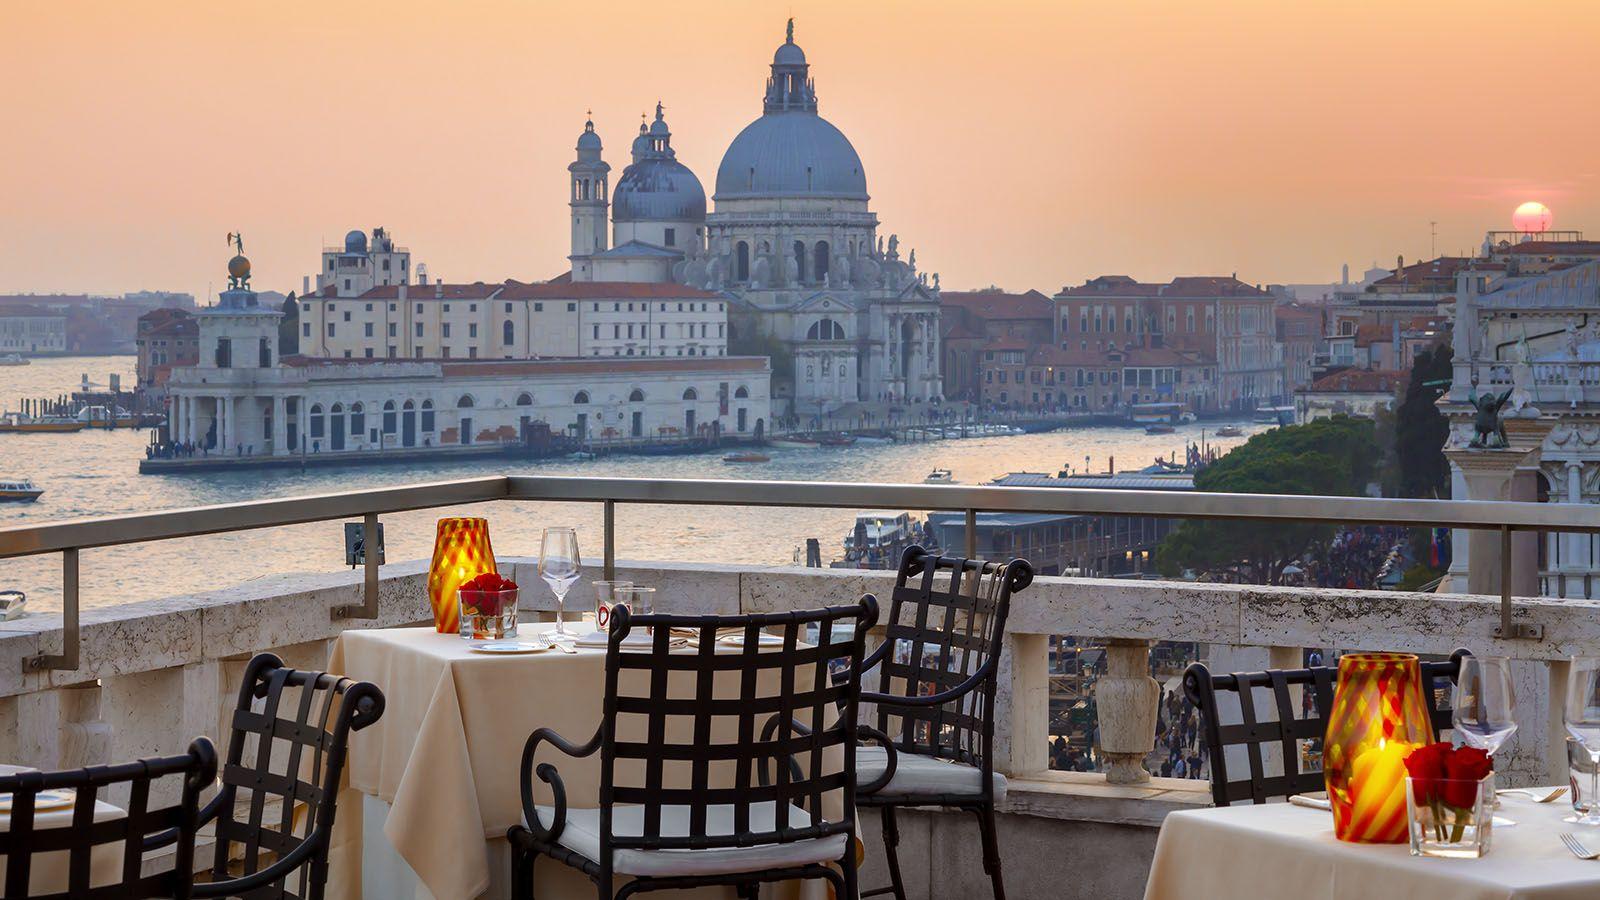 Restaurant Terrazza Danieli Romantic Table For Two